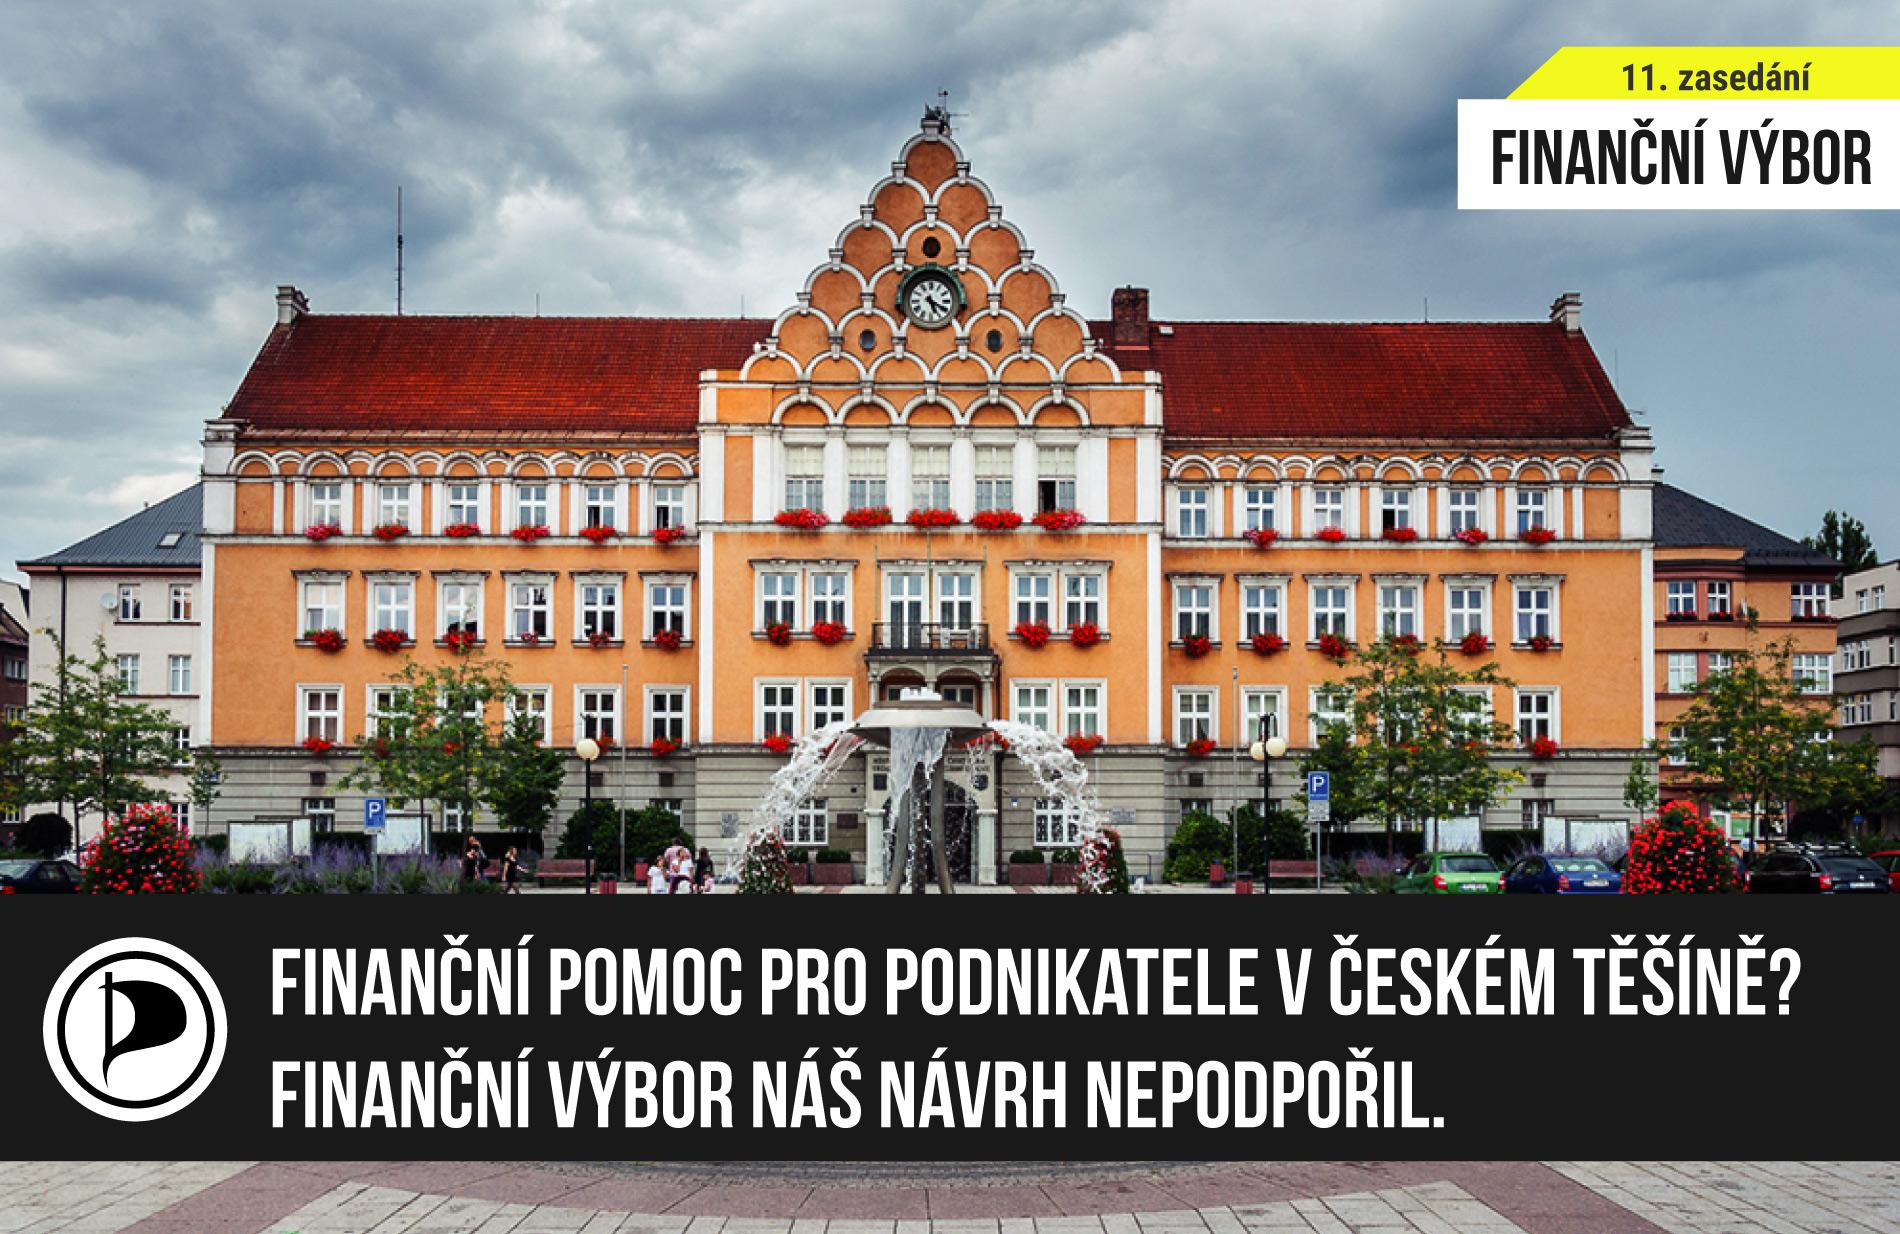 Finanční pomoc pro podnikatele v Českém Těšíně? Finanční výbor náš návrh nepodpořil